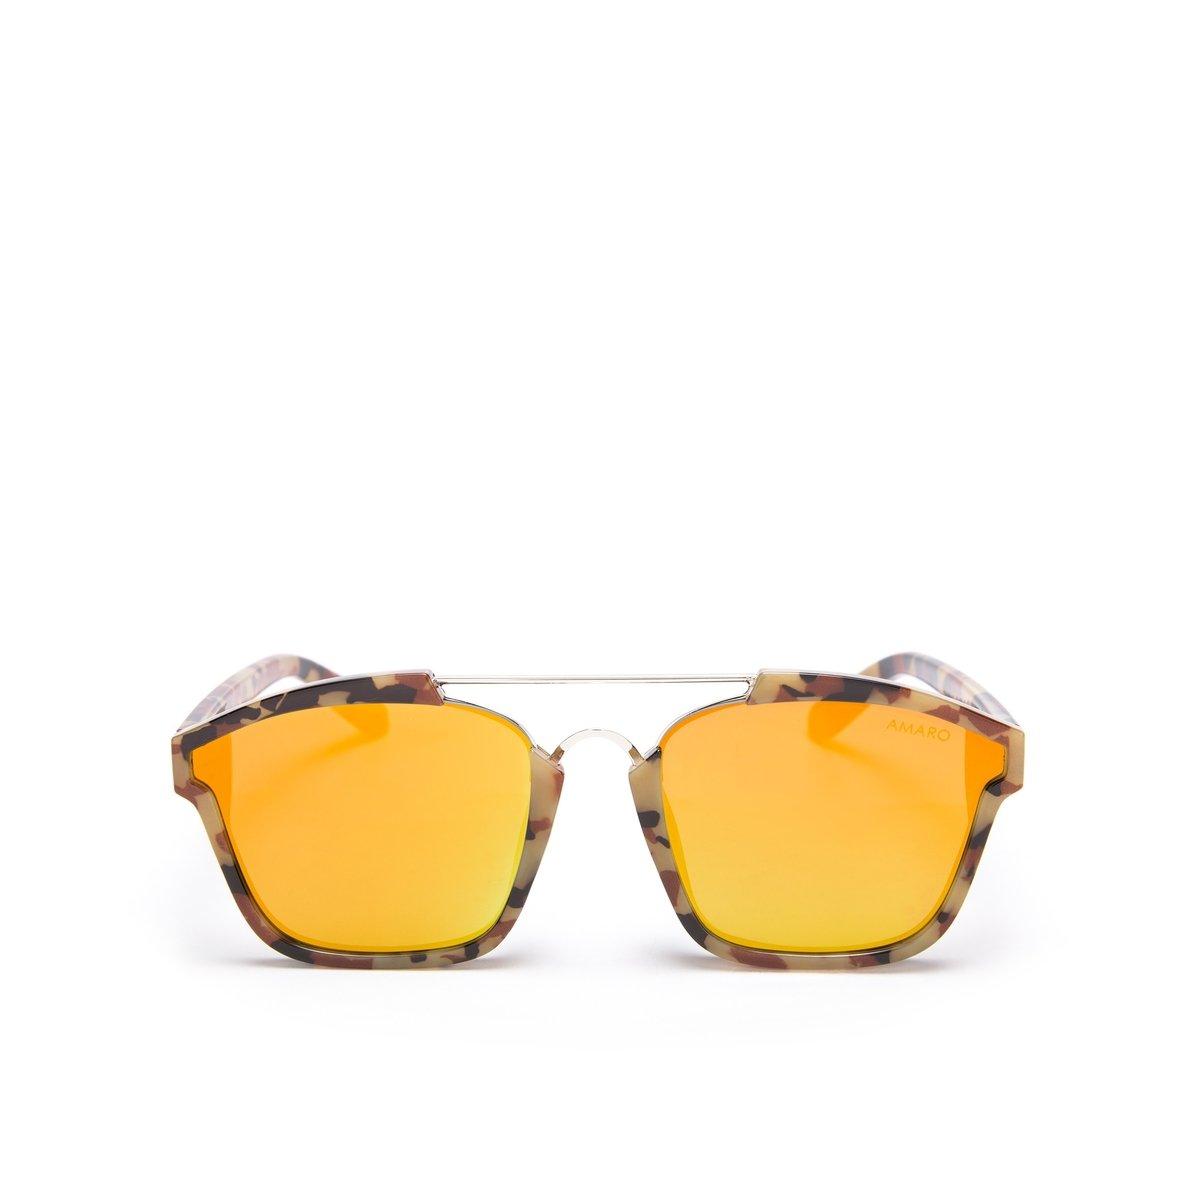 Óculos Amaro De Sol Military - Compre Agora   Netshoes a5d43df06f